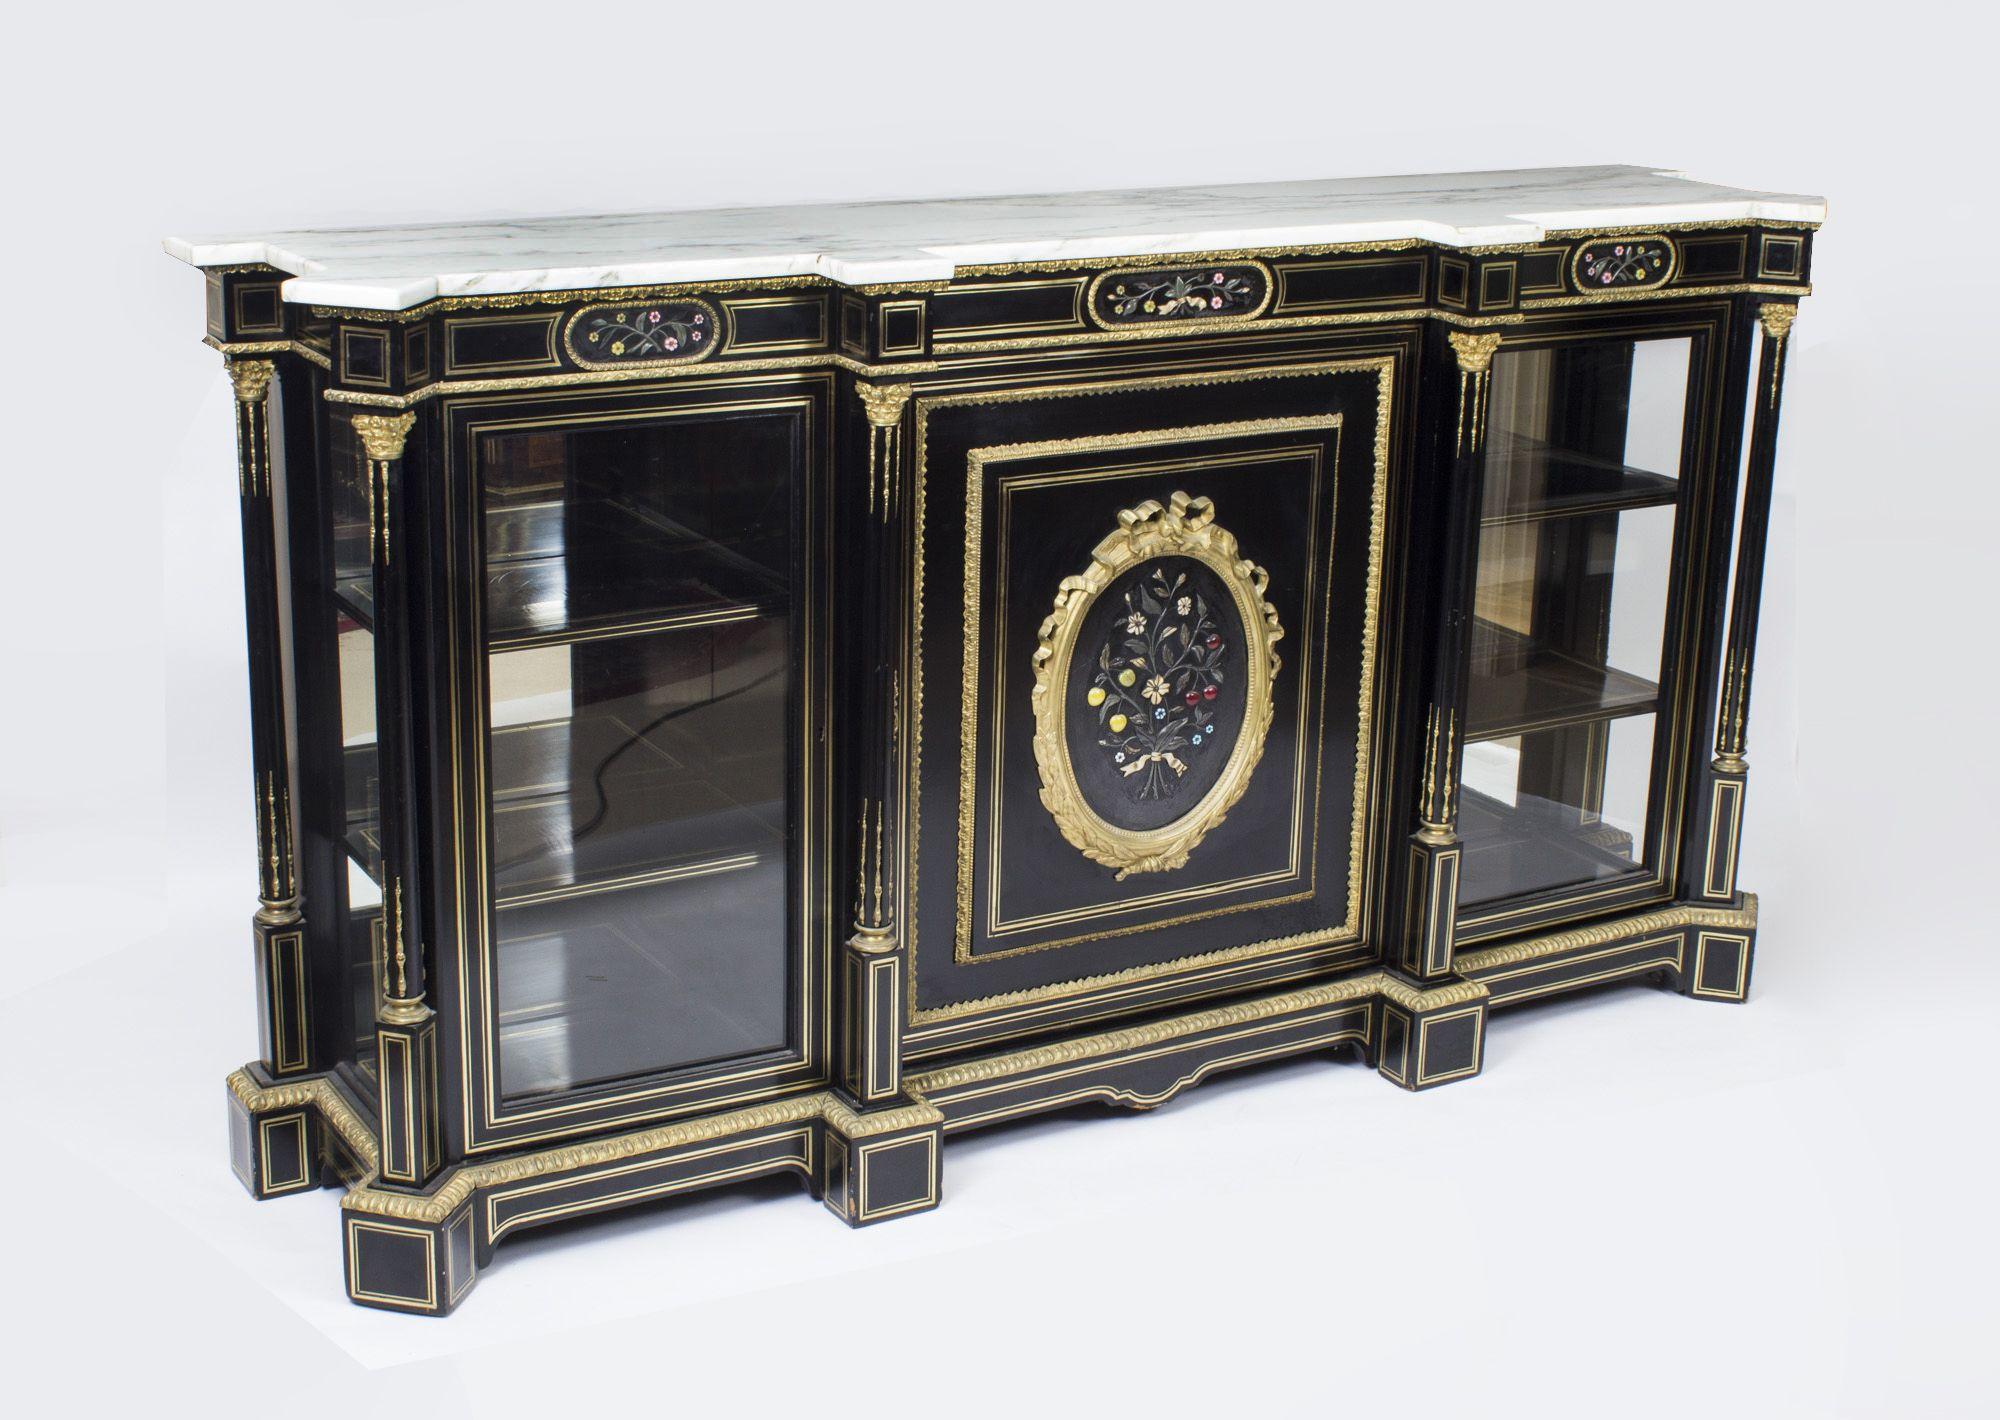 Credenza Con Tope De Marmol : Sideboards antique napoleon iii pietra dura ebonised credenza c